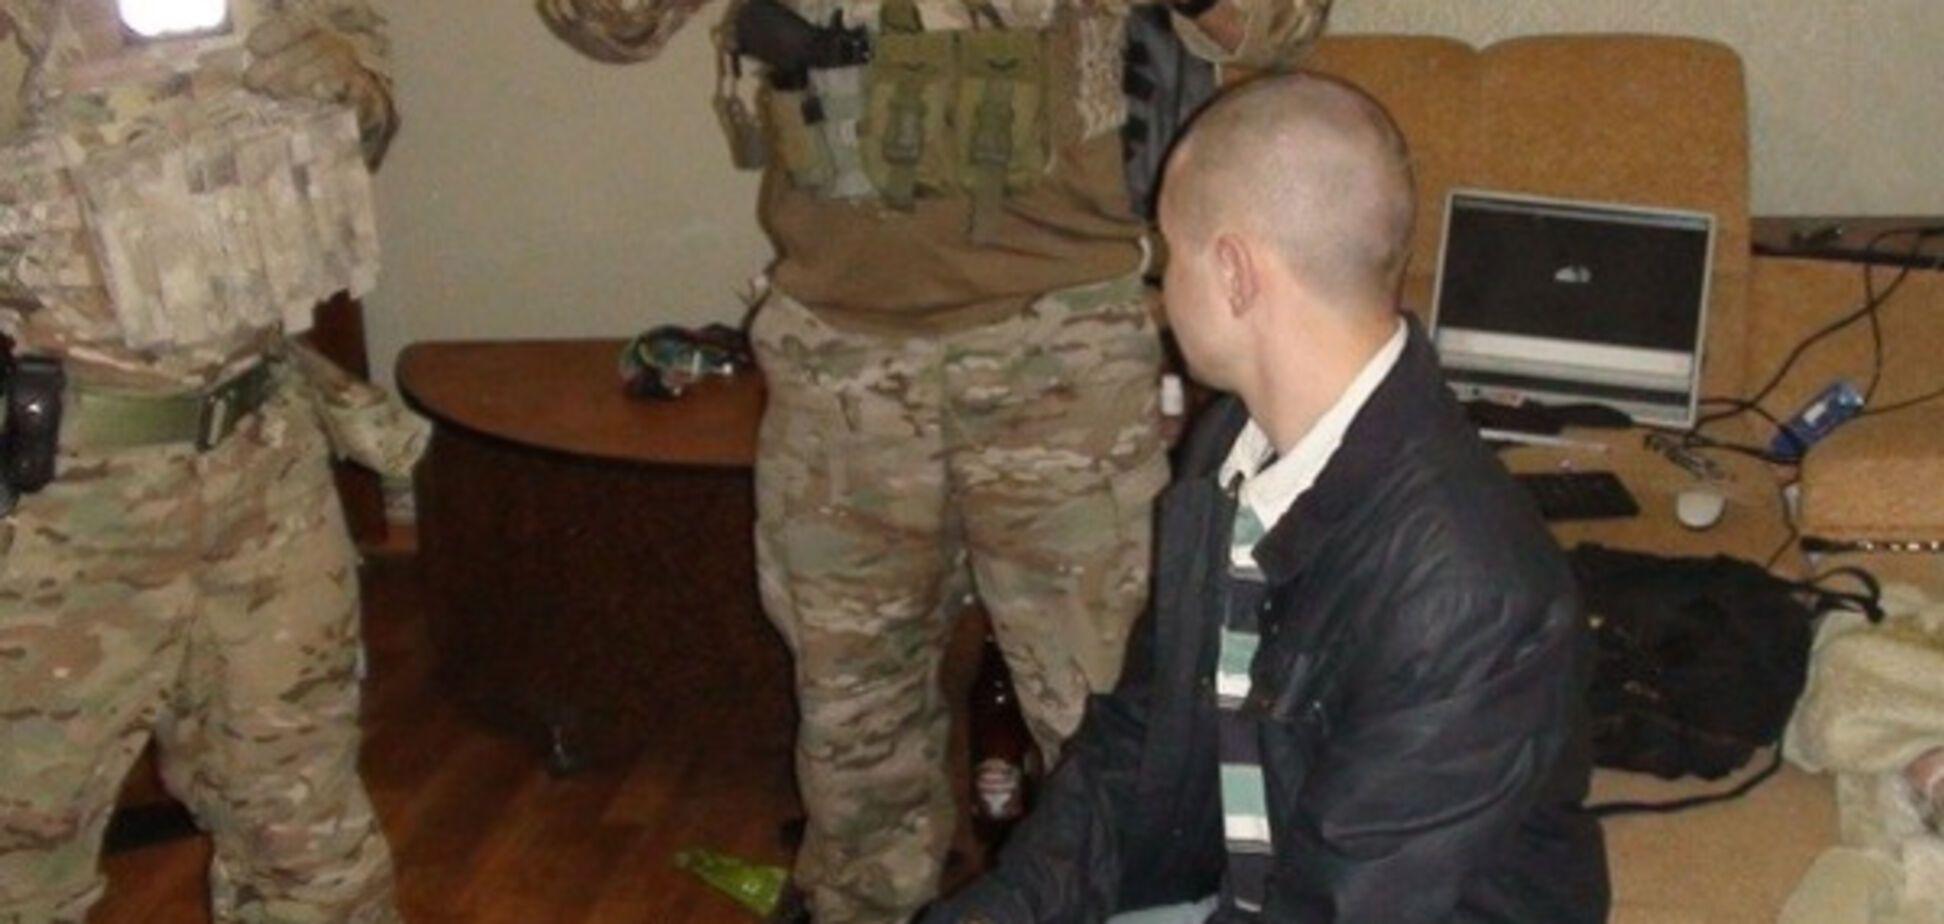 Заезжая группа наркобаронов пыталась оборудовать лабораторию в центре Запорожья (ВИДЕО, ФОТО)